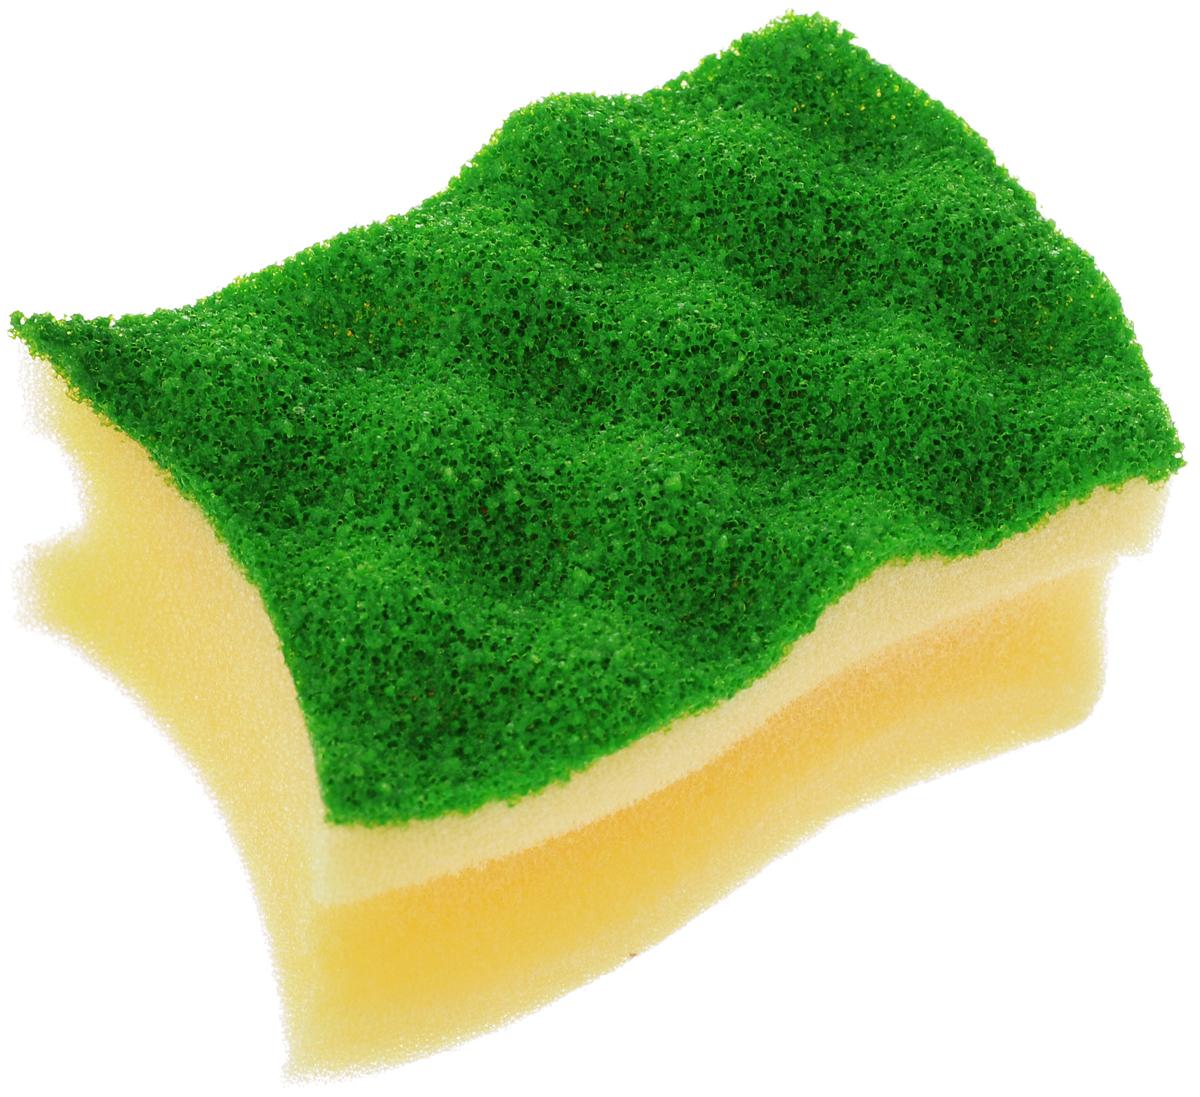 Губка для мытья посуды Vileda Pure Colors, цвет: желтый, зеленый, 9,5 х 6,2 х 4,7 см790009Губка для мытья посуды Vileda Pure Colors предназначена для очистки деликатных поверхностей. Удаляет даже трудные загрязнения, не царапая поверхность. Удобна в использовании за счет специальных пазов для пальцев. Губка с ярким дизайном станет украшением любой кухни и порадует хозяйку.Размер губки: 9,5 х 6,2 х 4,7 см.